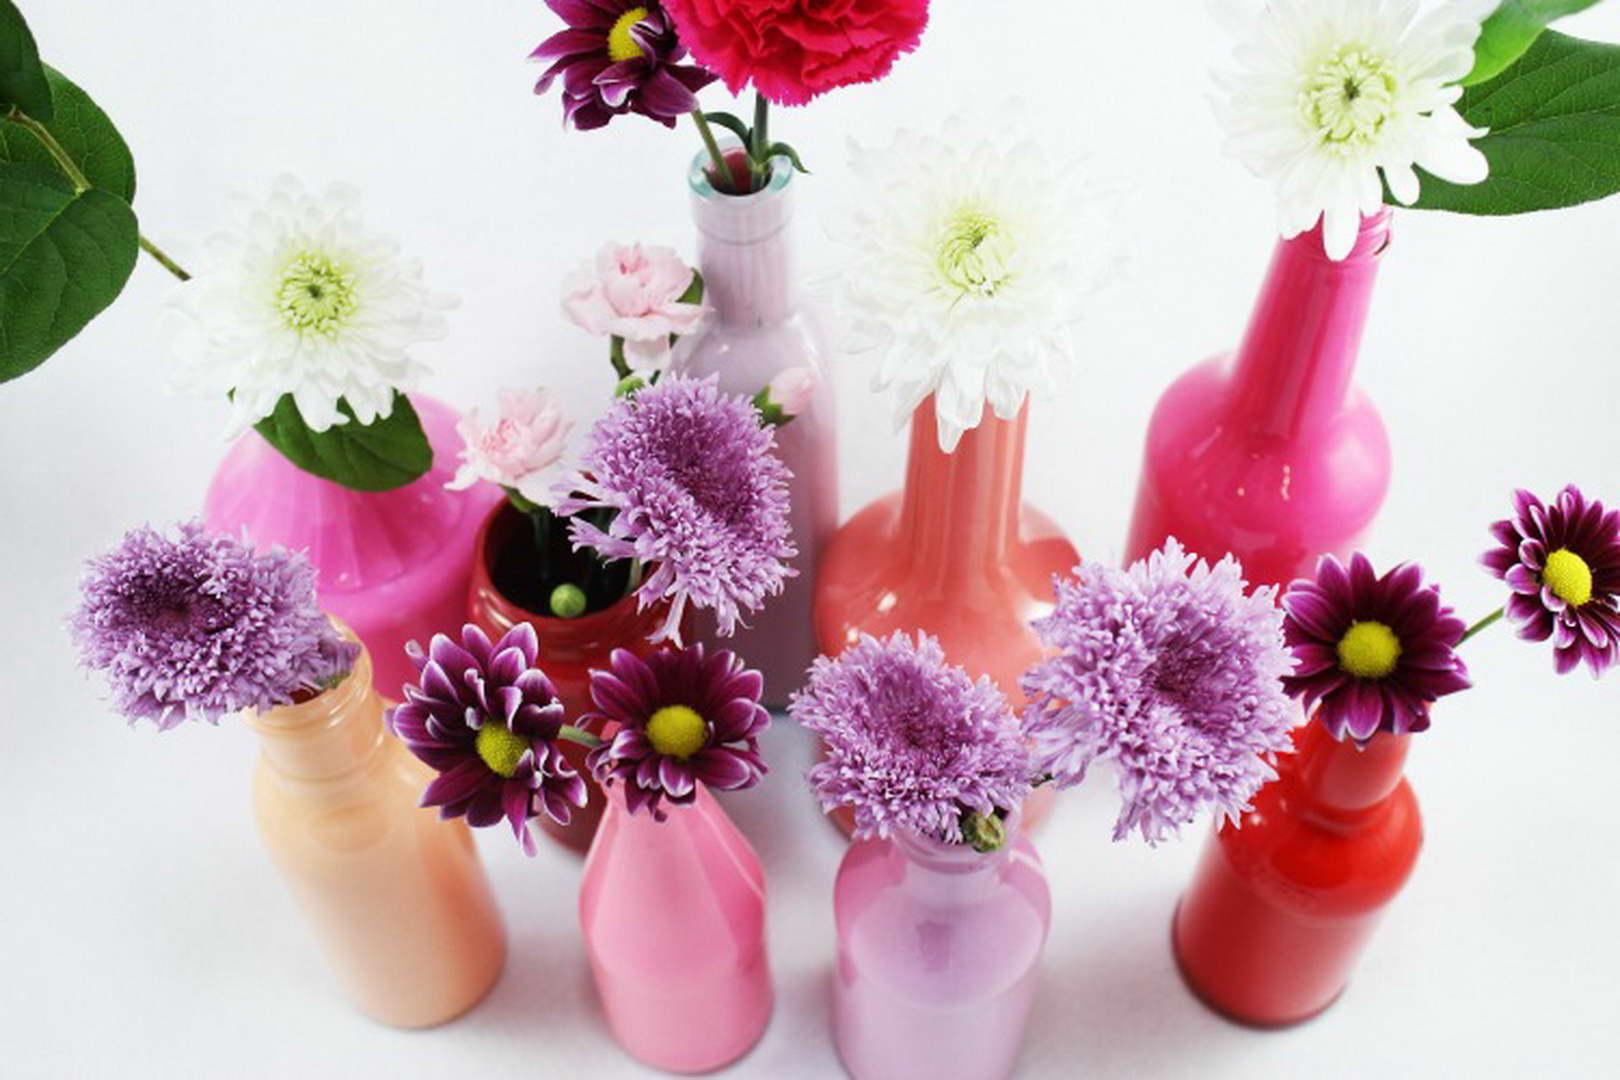 színes festett üveg váza húsvétra